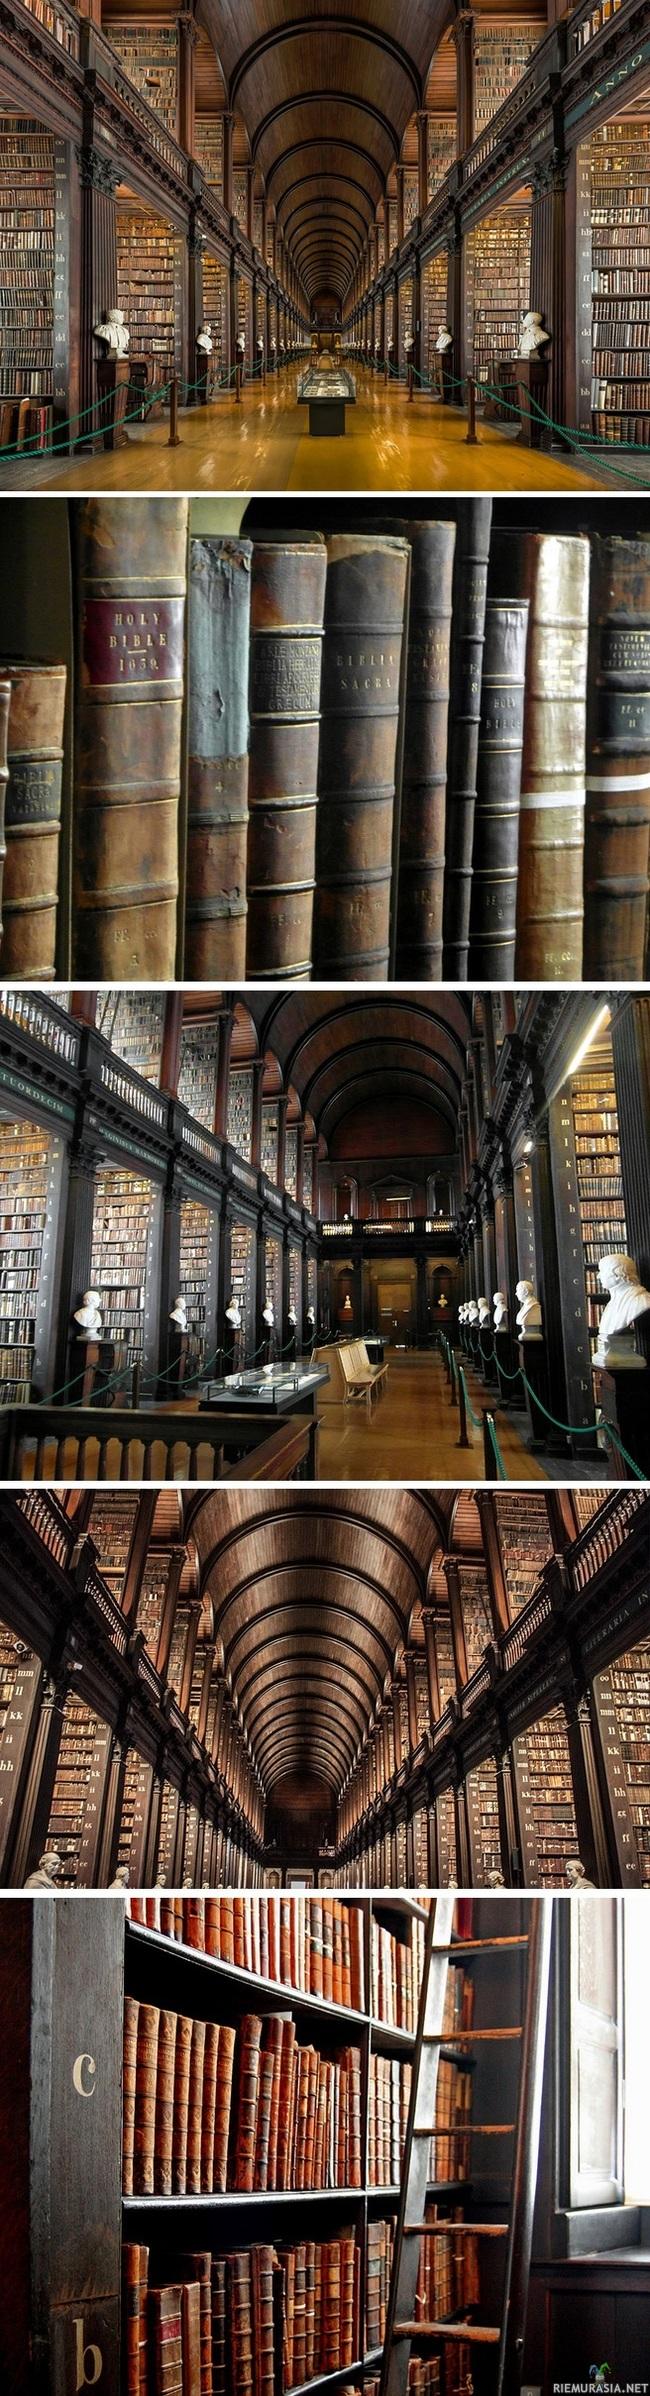 300 vuotta vanha kirjasto Dublinissa